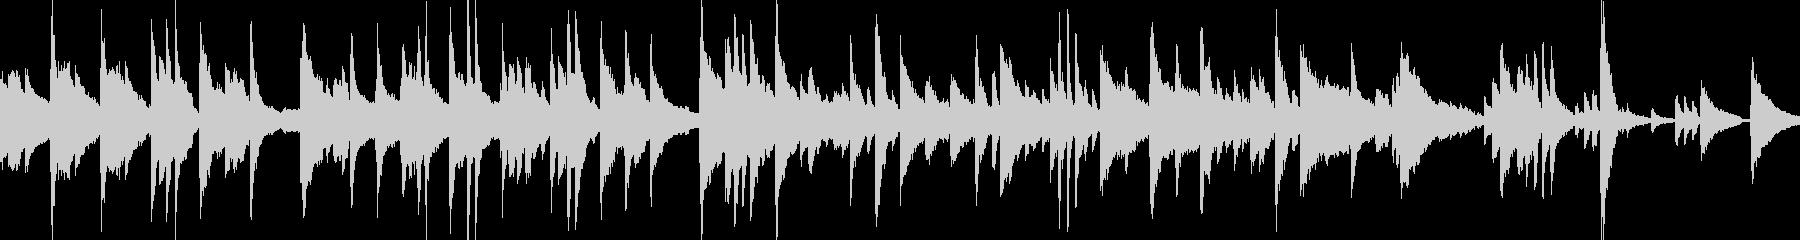 緊張感あるミステリー弦楽ピアノ曲の未再生の波形